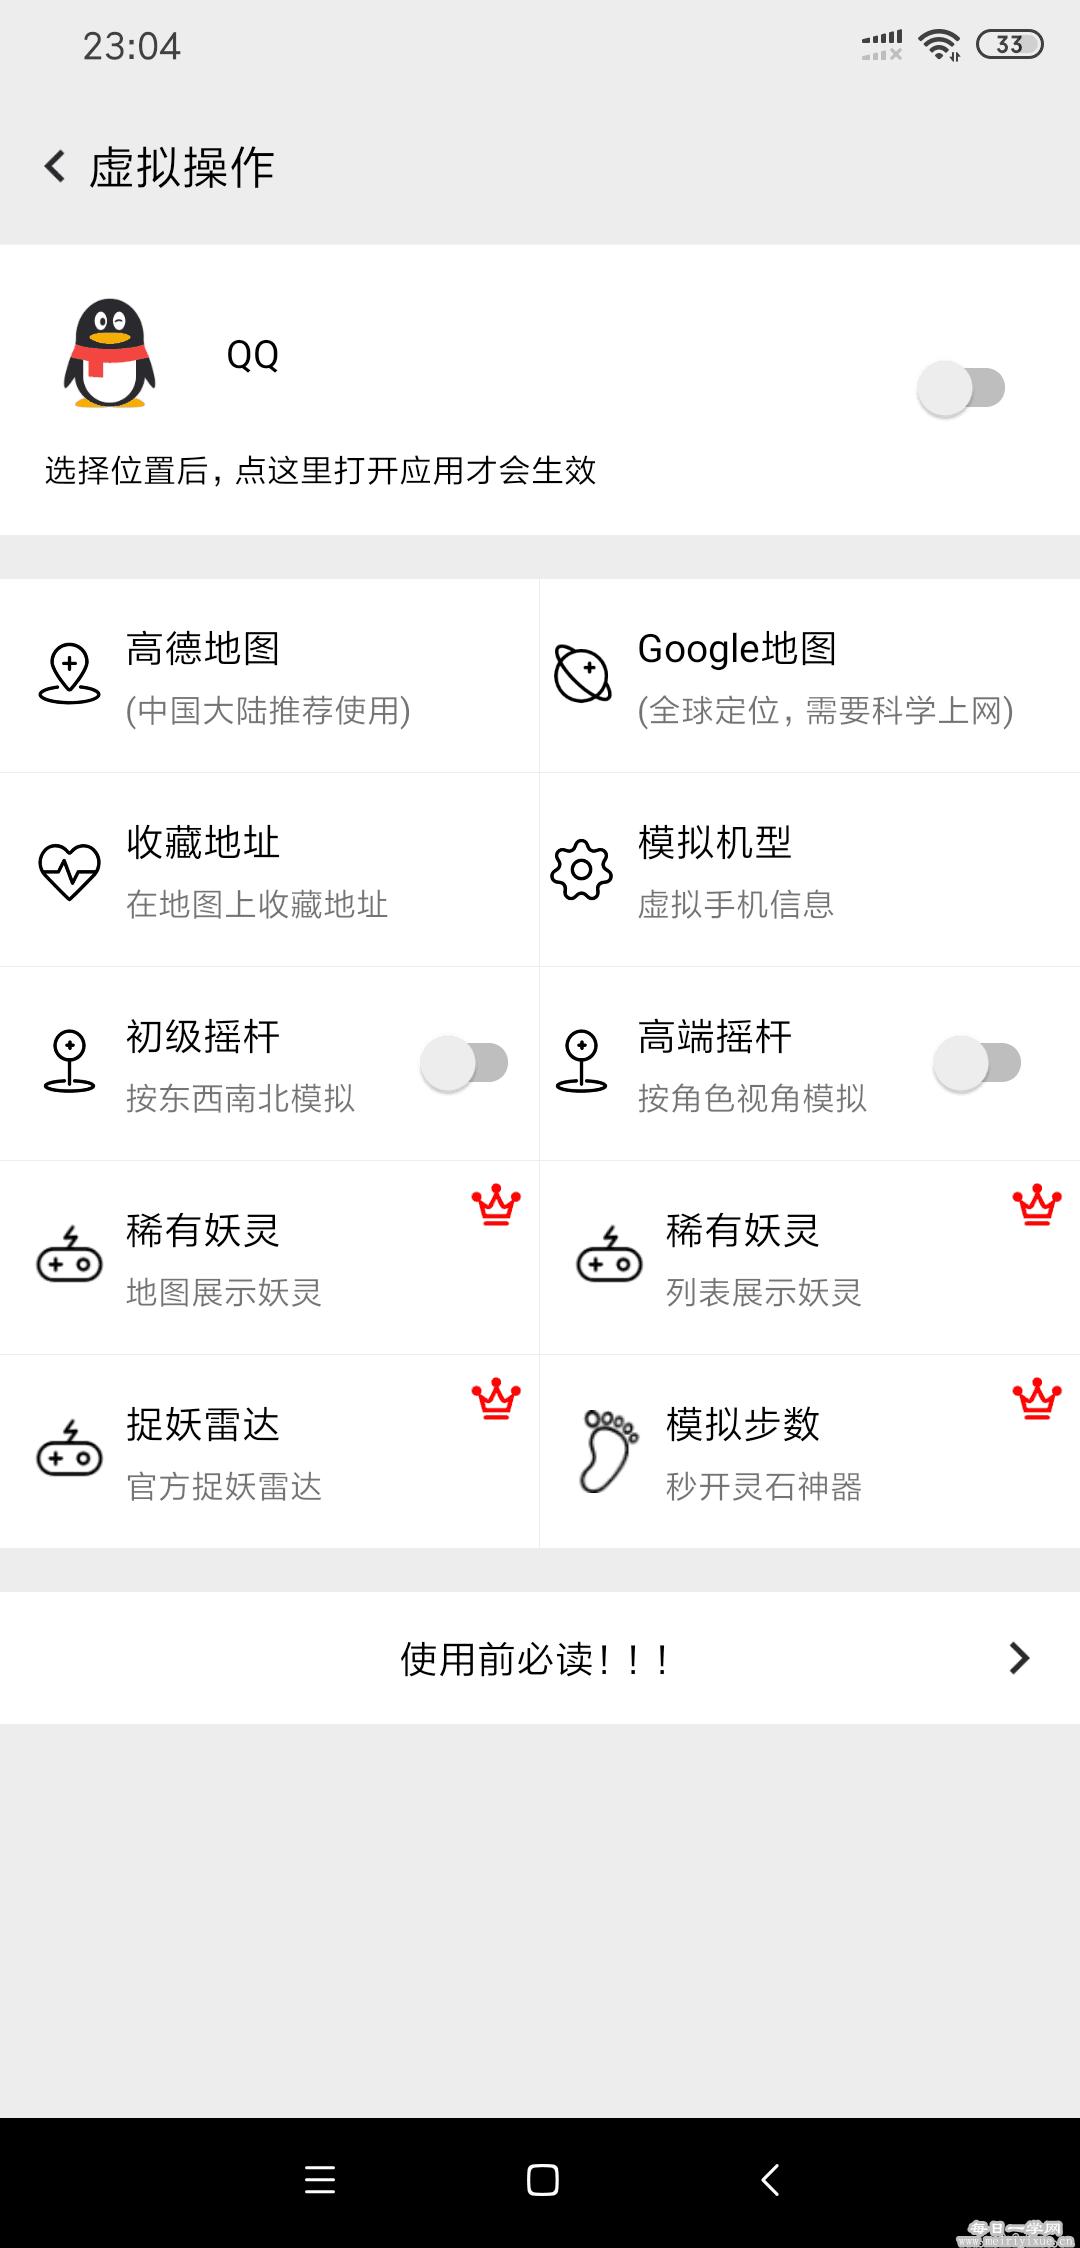 虚拟定位清爽PJ版 手机应用 第1张